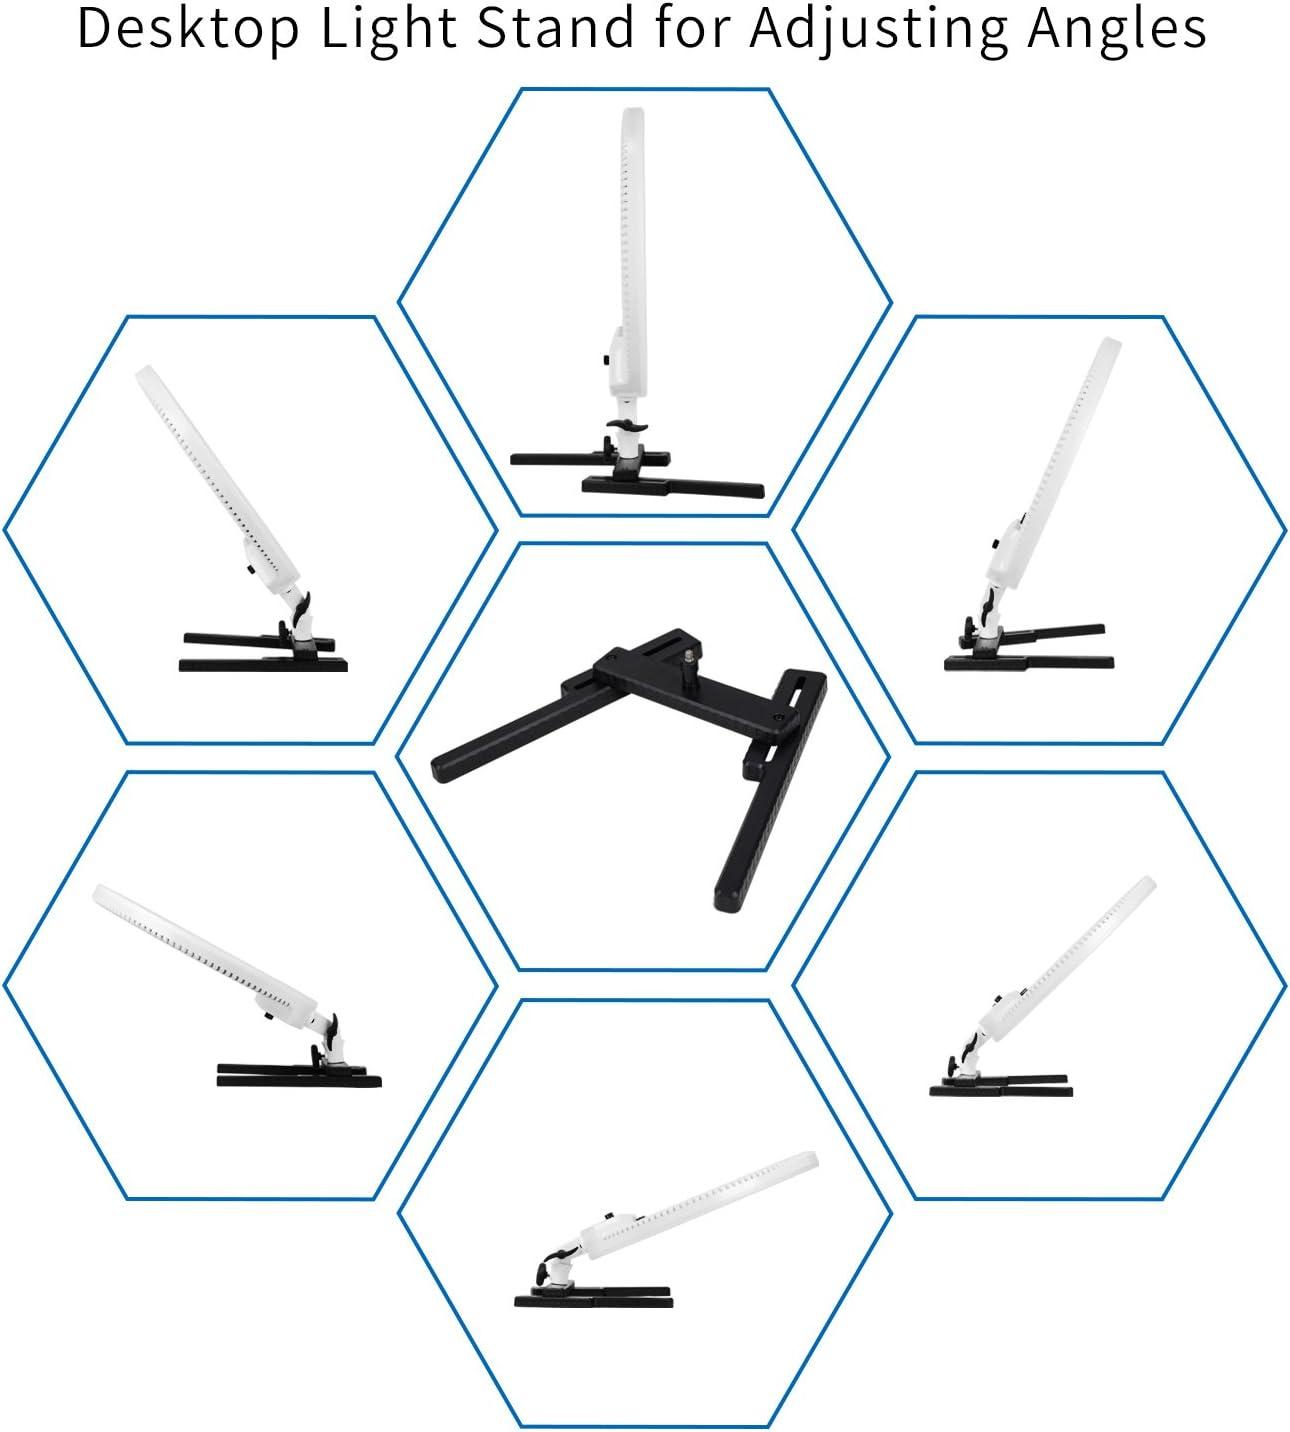 NanGuang Venus V48C 18 Dimmable Adjustable Bicolor LED Ring Light Desktop Kit